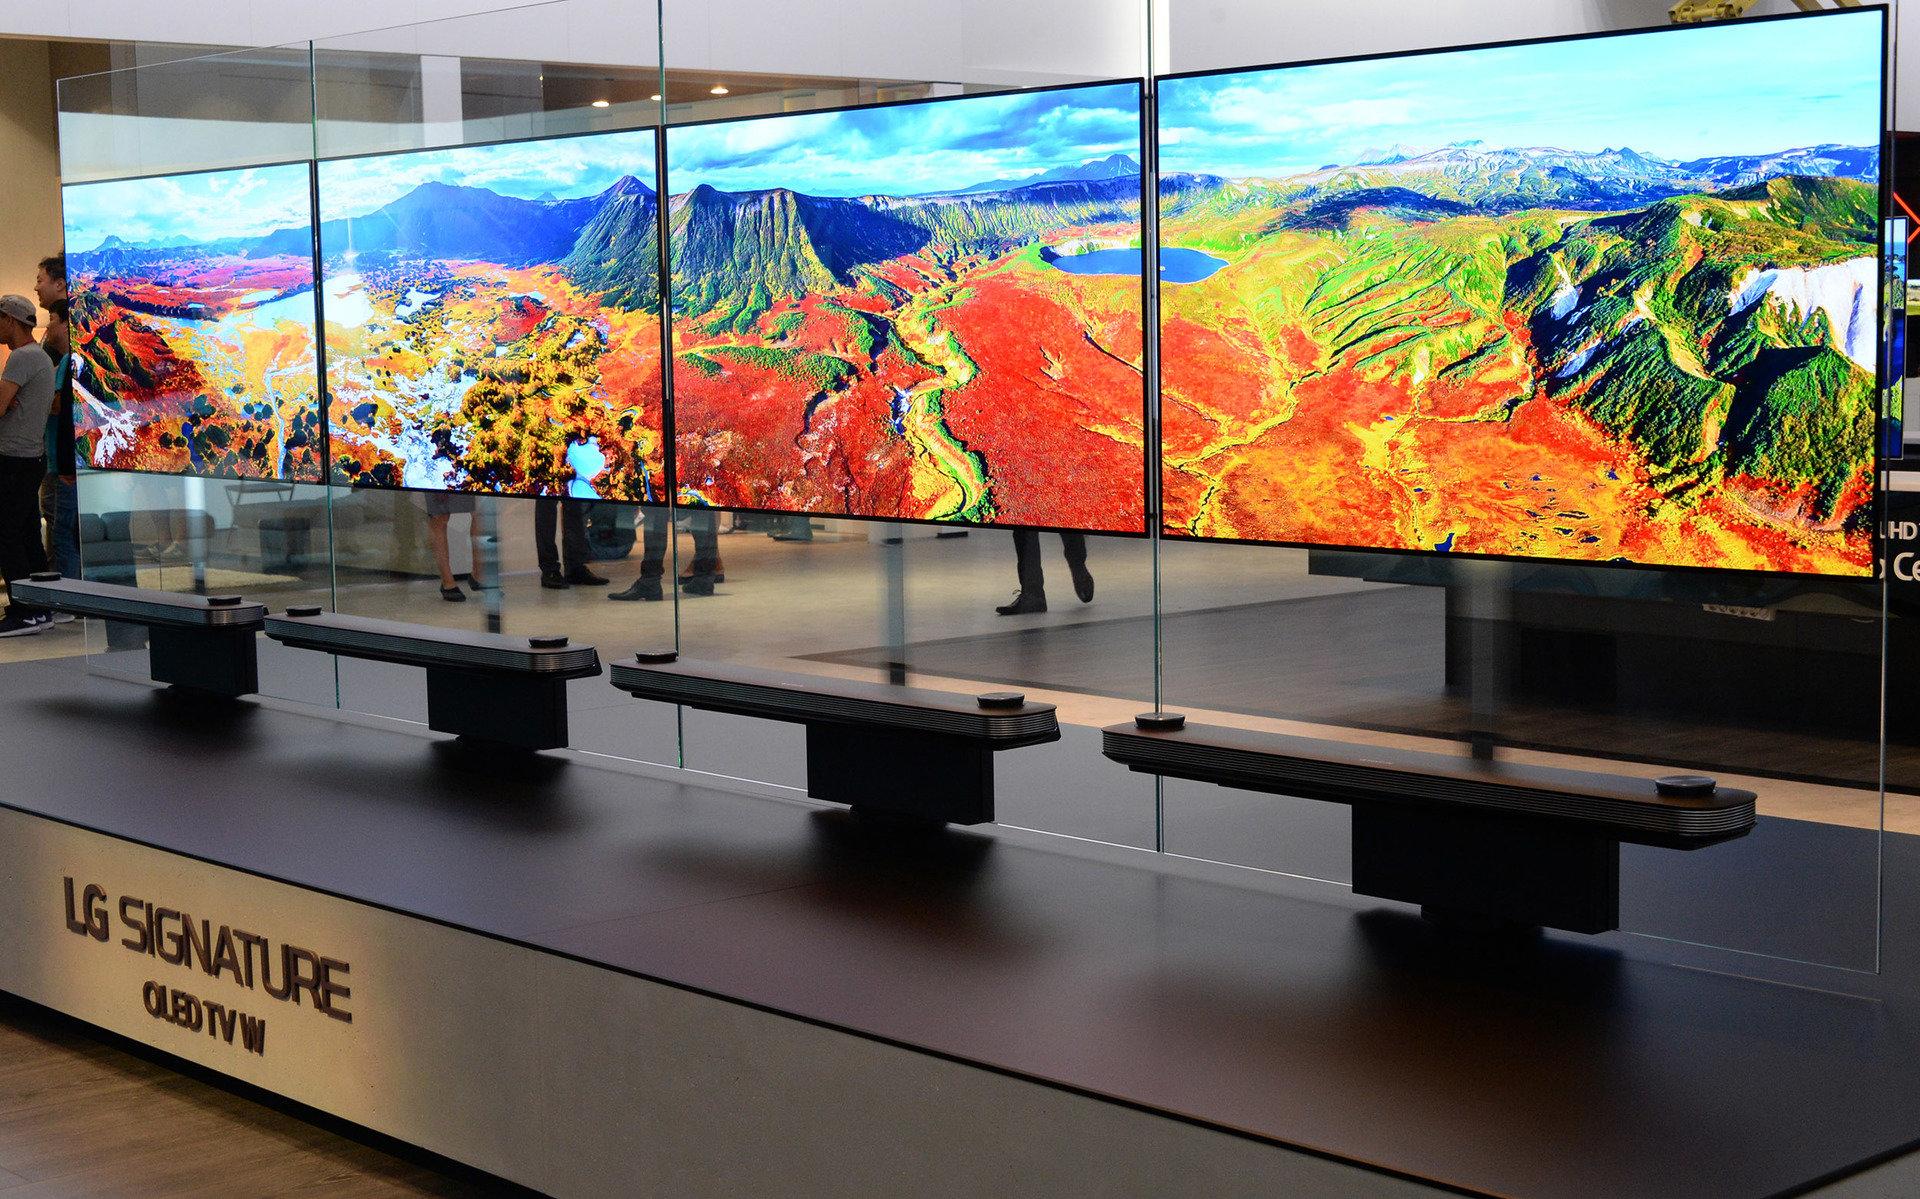 LG prezentuje nowe możliwości telewizorów OLED - współpraca z Dolby i Technicolor